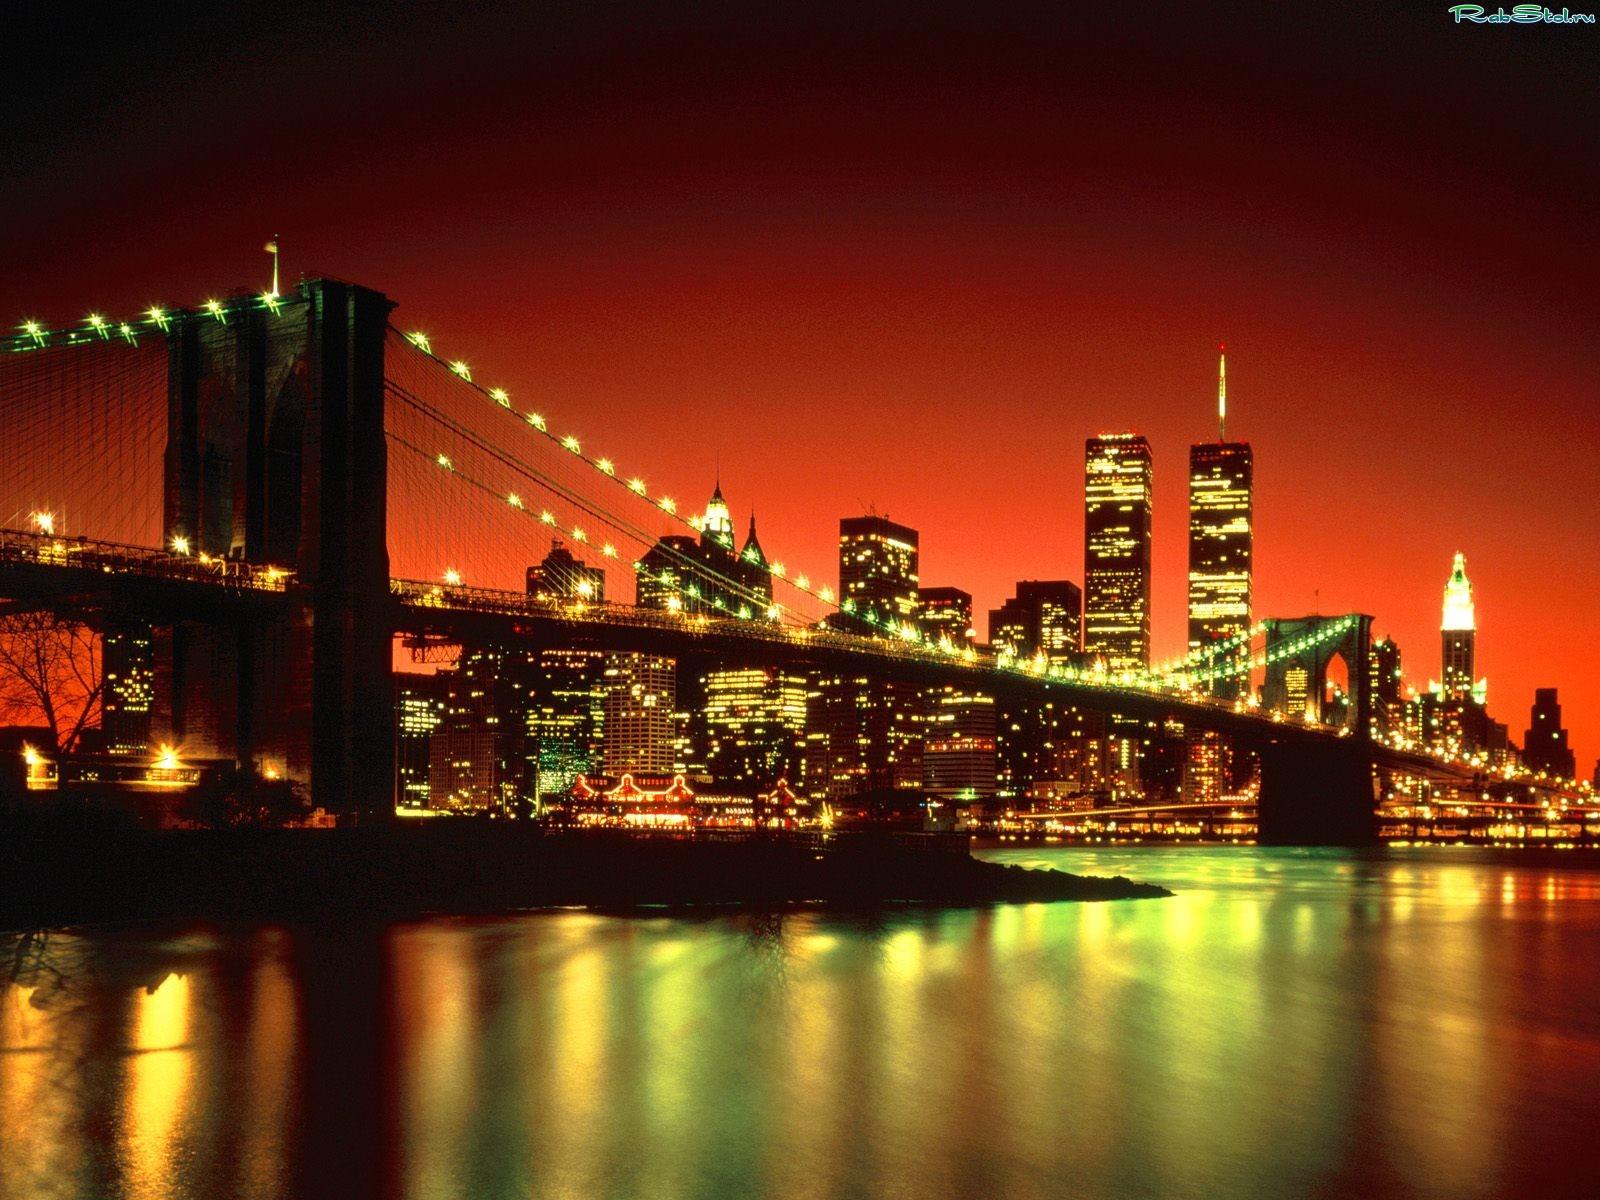 фото нью-йорк ночью